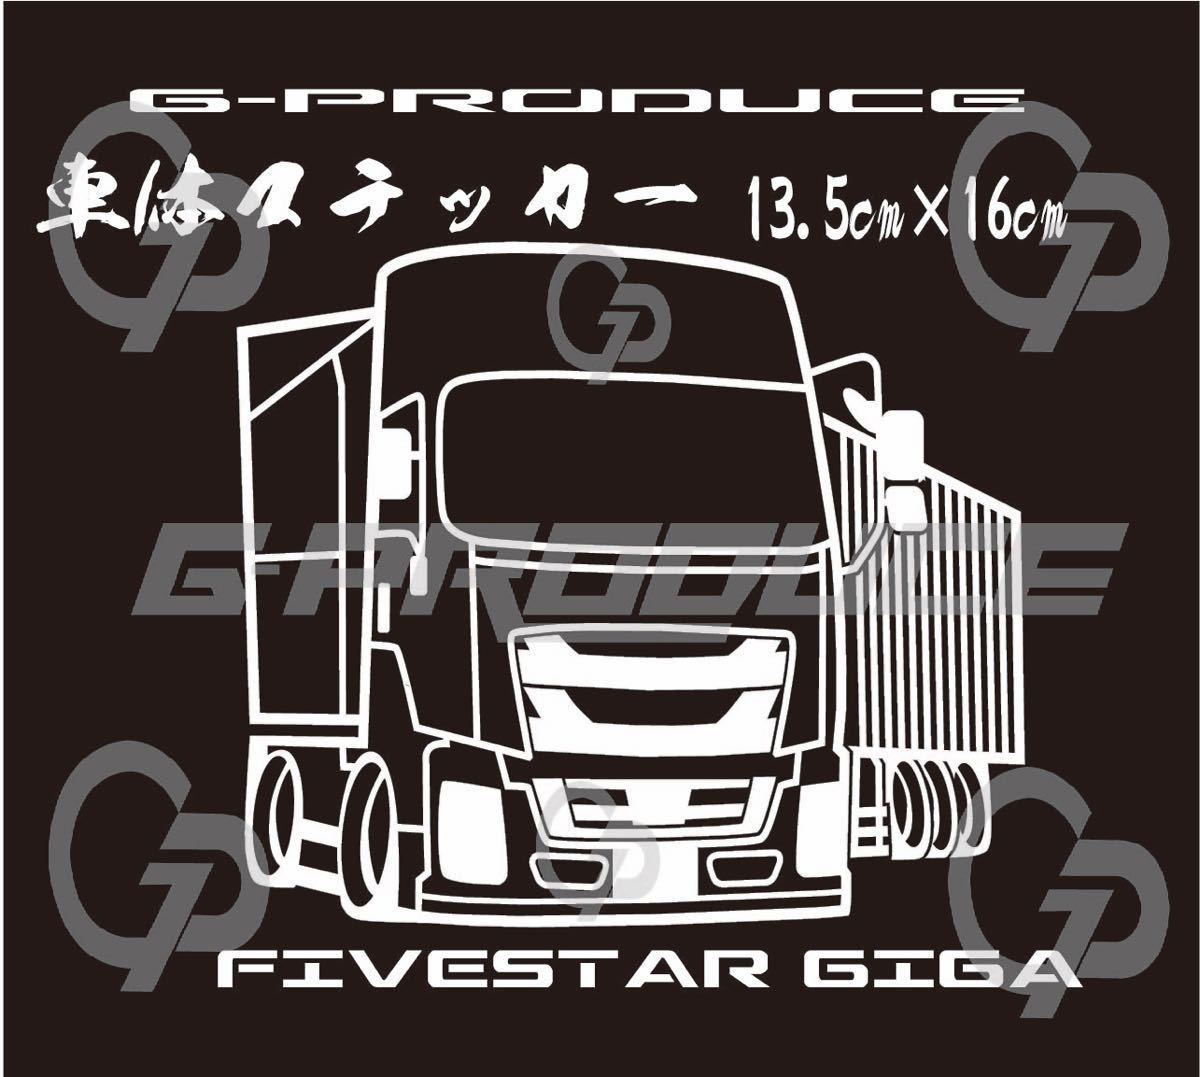 車体ステッカー /いすゞ ファイブスターギガ トレーラー 海コン /エアロ / 車高短 / 約13.5×16cm / NCX ホワイト GP_画像1